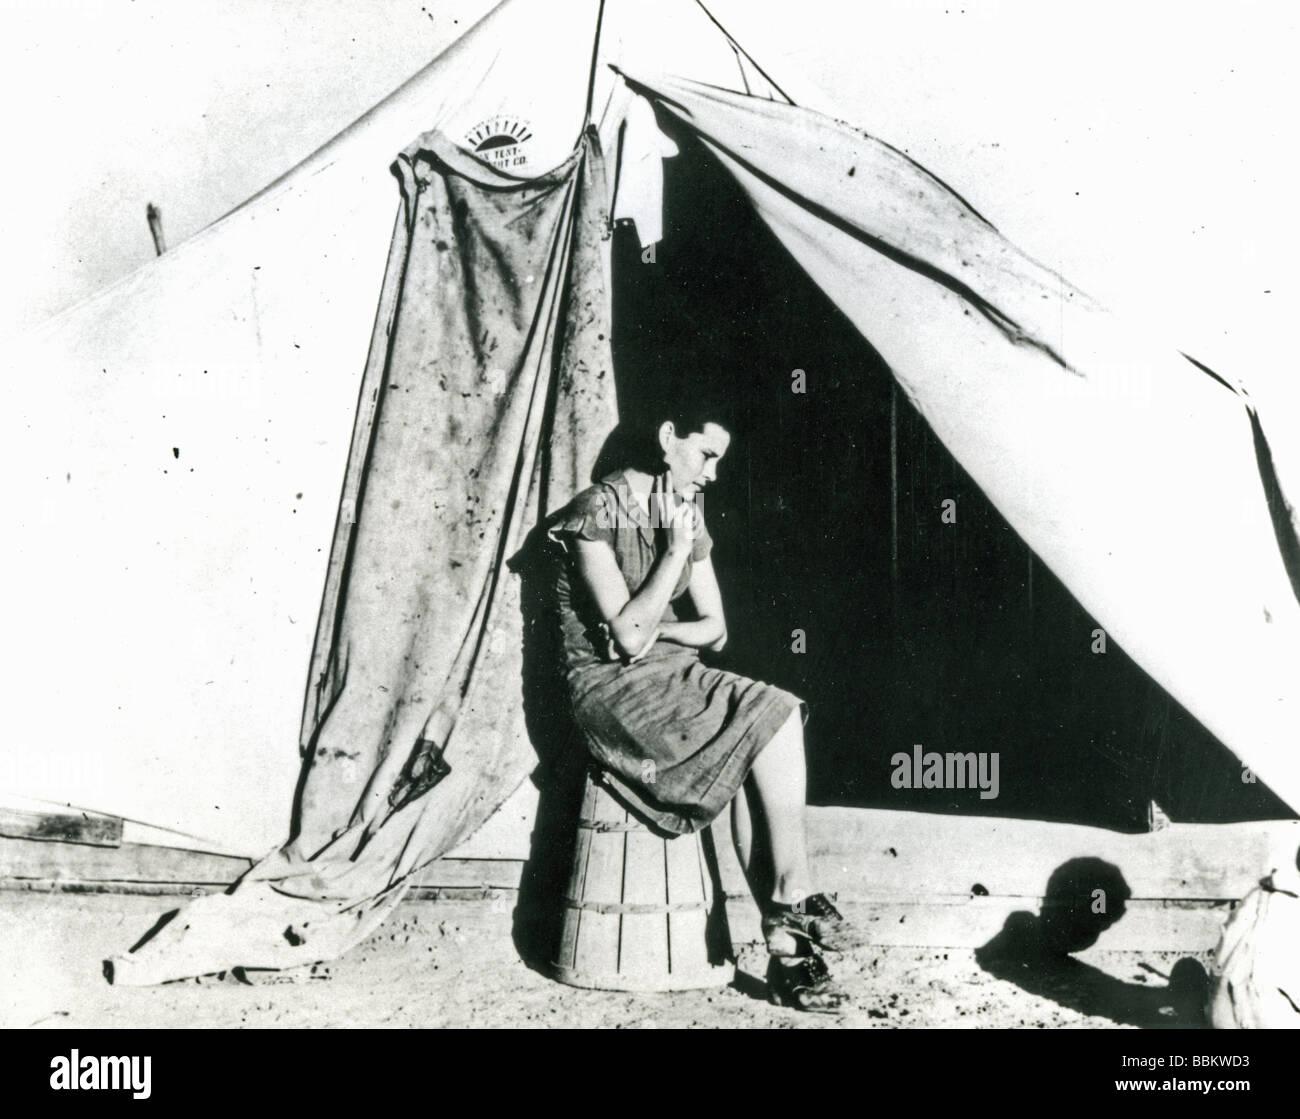 La grande depressione un migrante lavoratore madre negli Stati Uniti fotografato il 21 Feb 1940 Immagini Stock